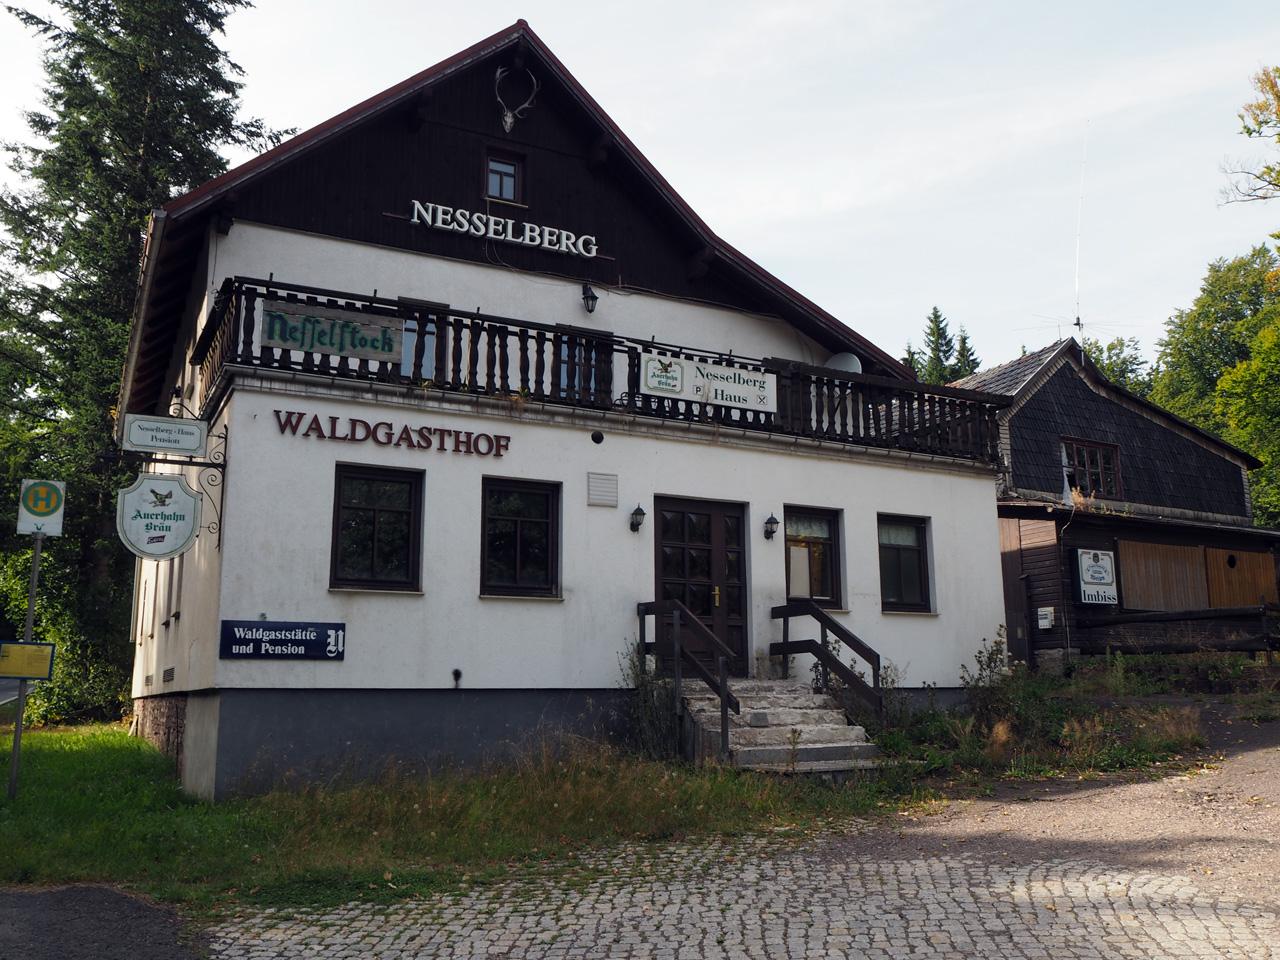 het verlaten Waldgasthof Nesselberg